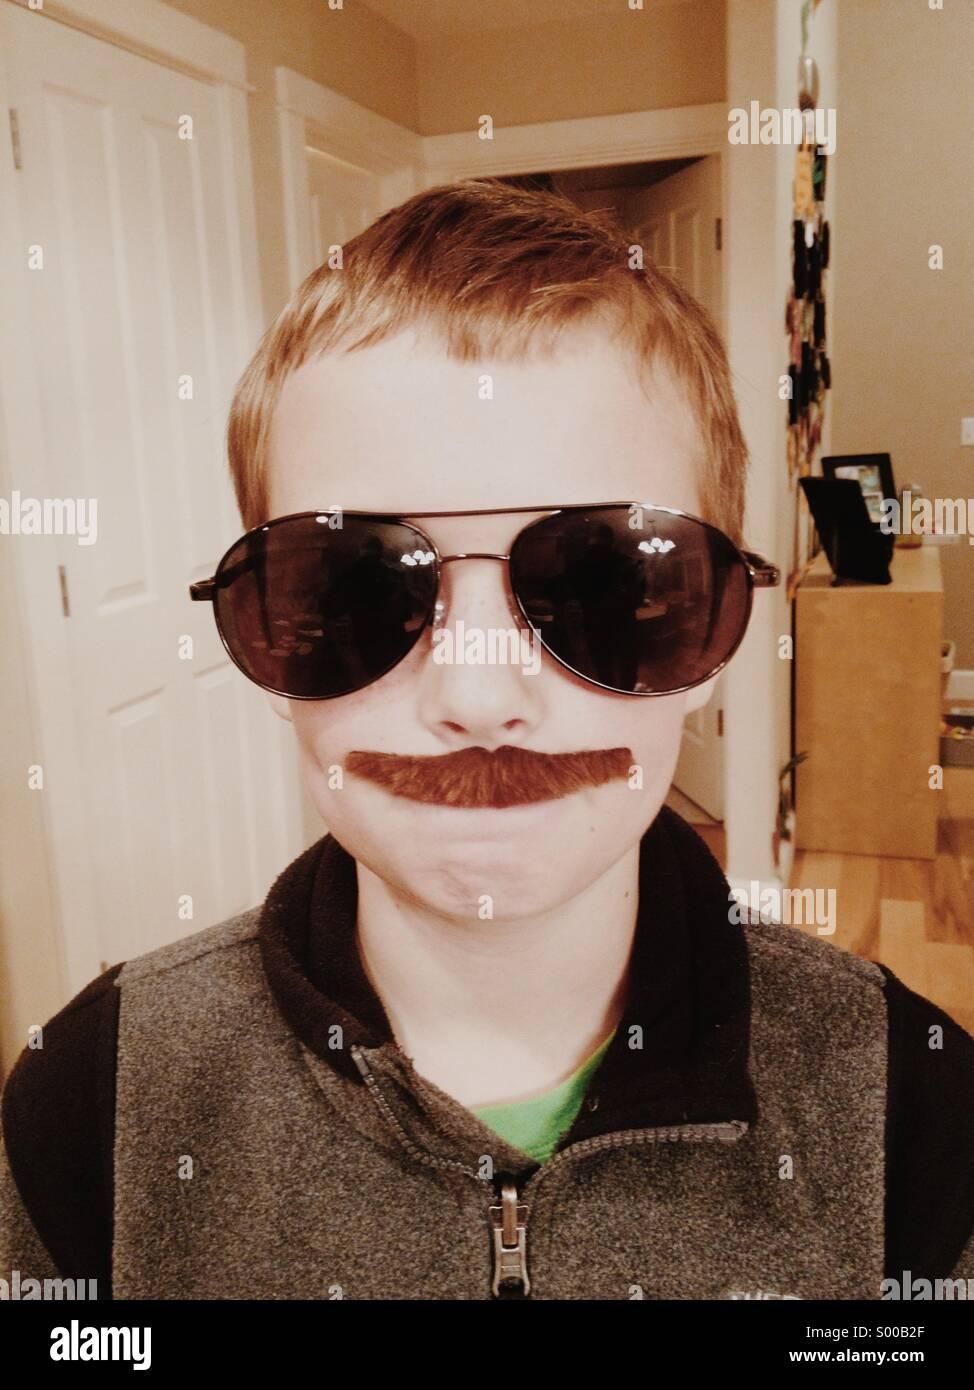 Cabrito com falsos bigode e óculos Imagens de Stock